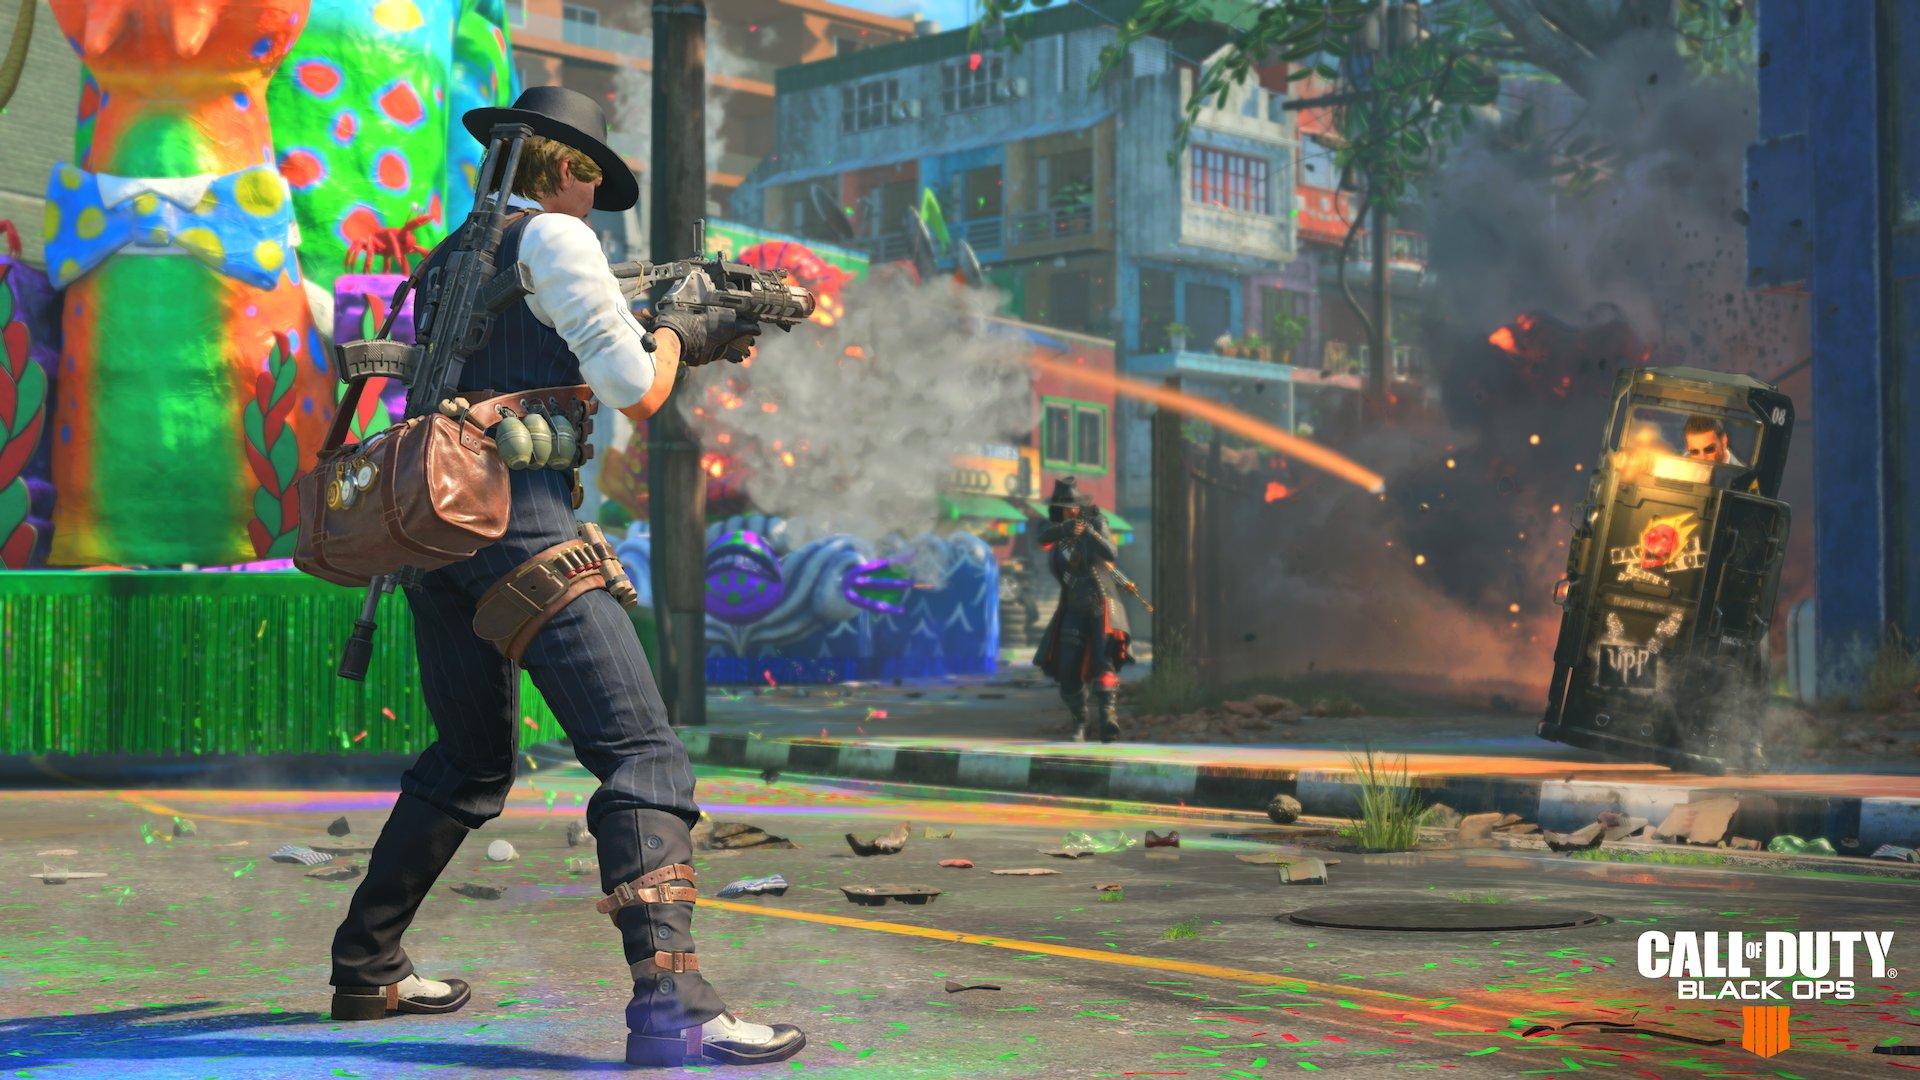 Call of Duty Black Ops 4 est le premier mensuel gratuit de juin d'Humble Monthly.